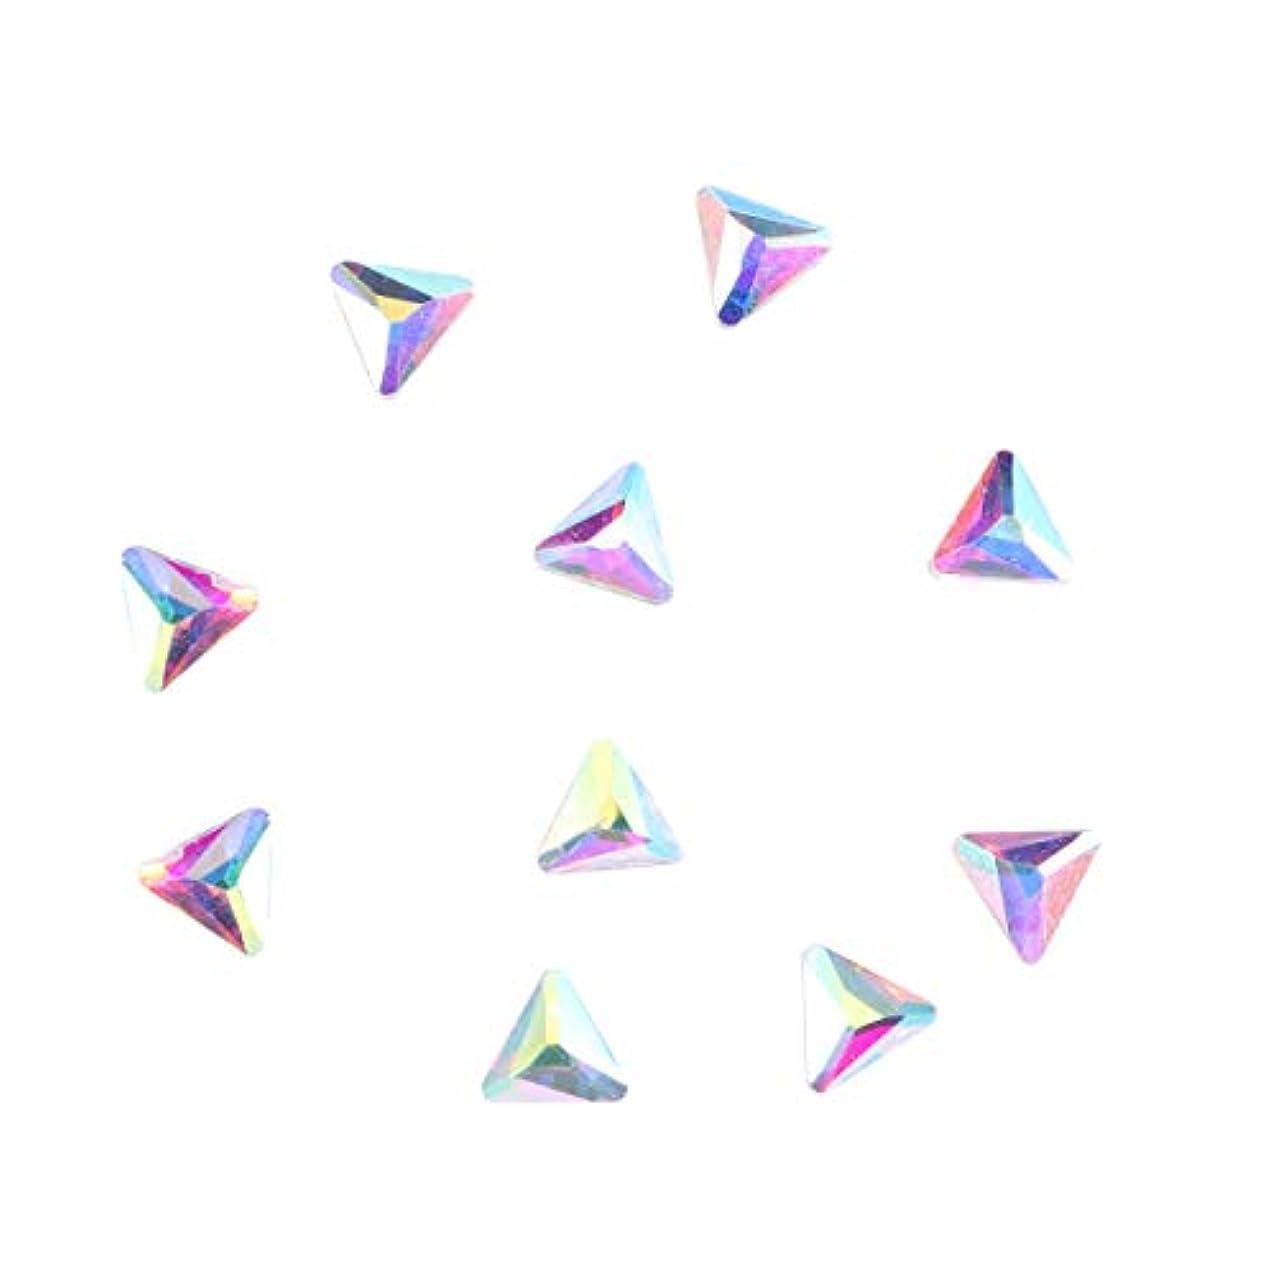 イブ支配的新年Frcolor ラインストーン ネイルシール ネイルアートダイヤモンド ネイルアートシールセット ネイルケアセット ネイル用品 10本(三角6*6)